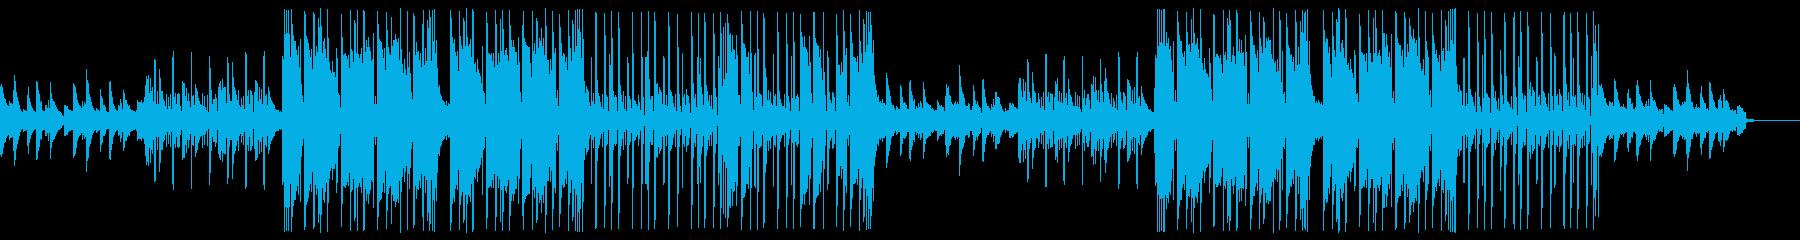 ダークなピアノとギターのトラップビートの再生済みの波形